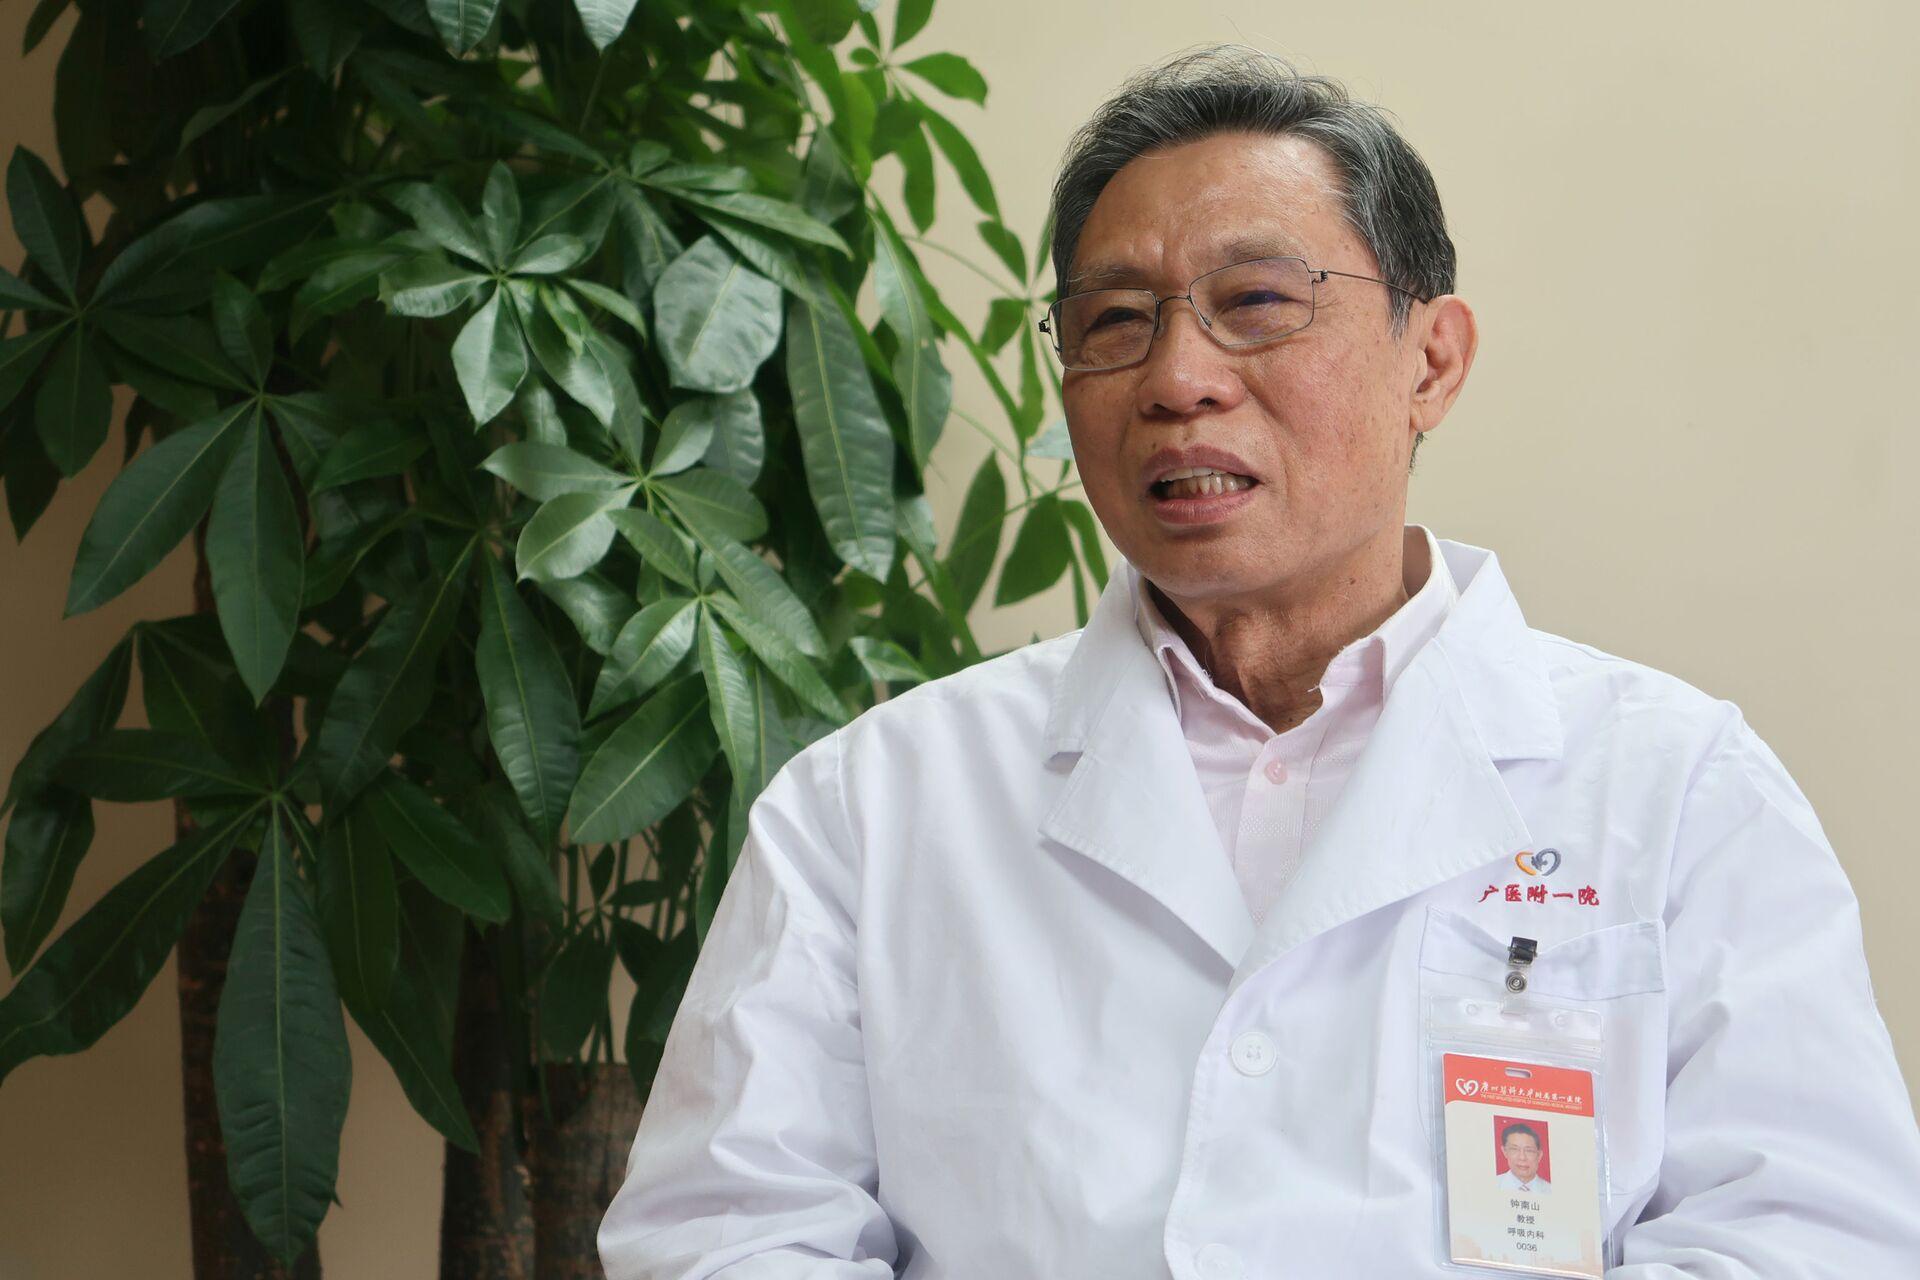 Chuyên gia virus học hàng đầu của Trung Quốc, viện sĩ Chung Nam Sơn(Zhong Nanshan) - Sputnik Việt Nam, 1920, 05.10.2021